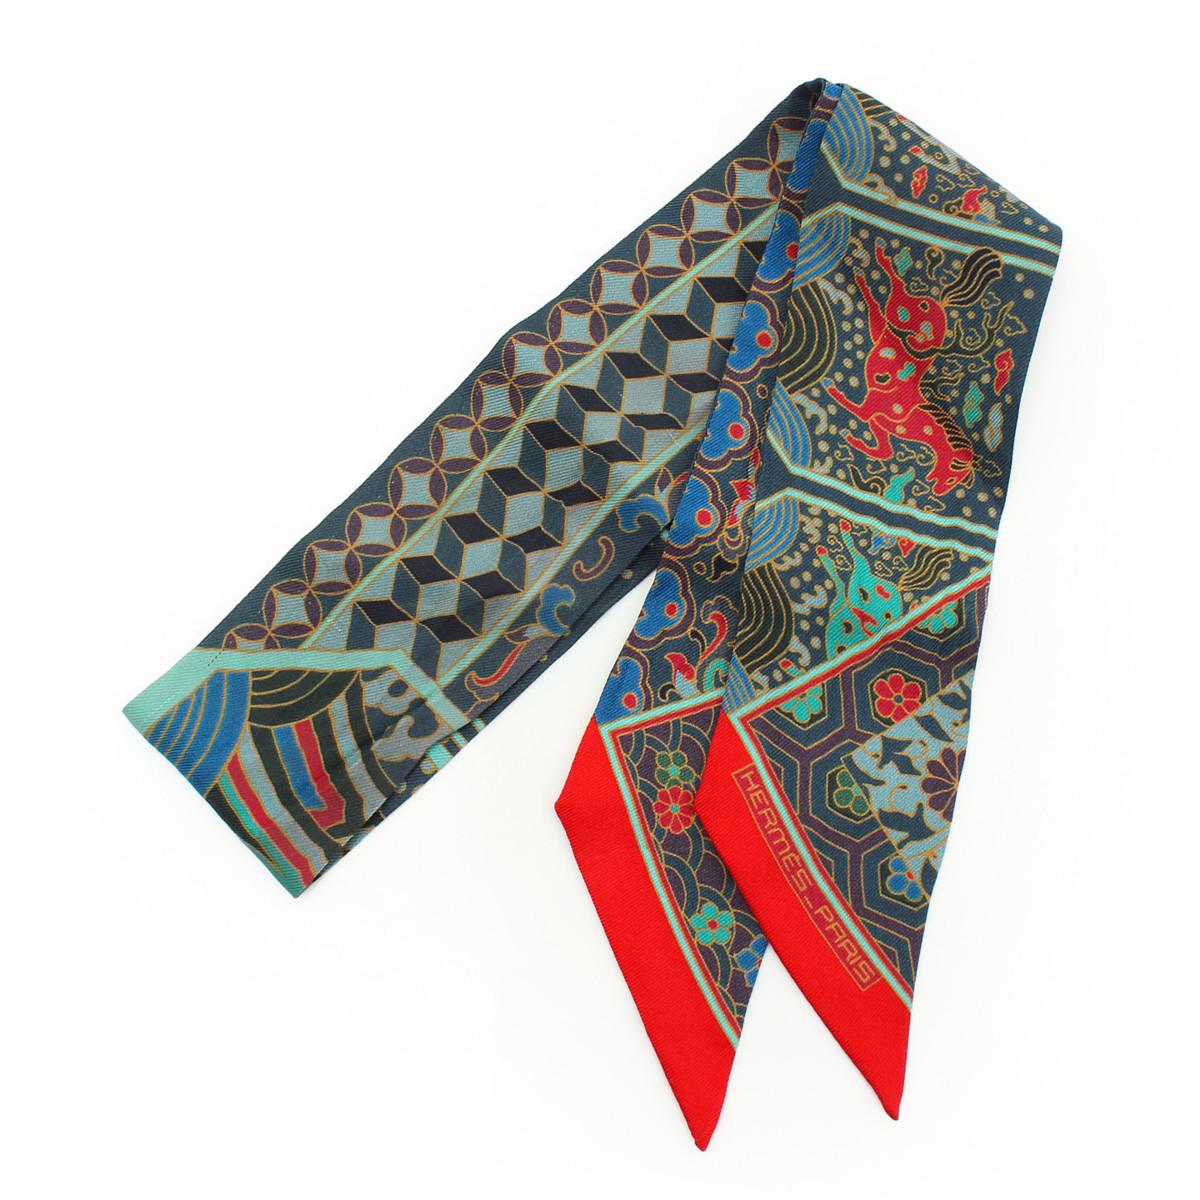 【エルメス】Hermes ツイリー シルク スカーフ グリーン 【中古】【鑑定済・正規品保証】30006